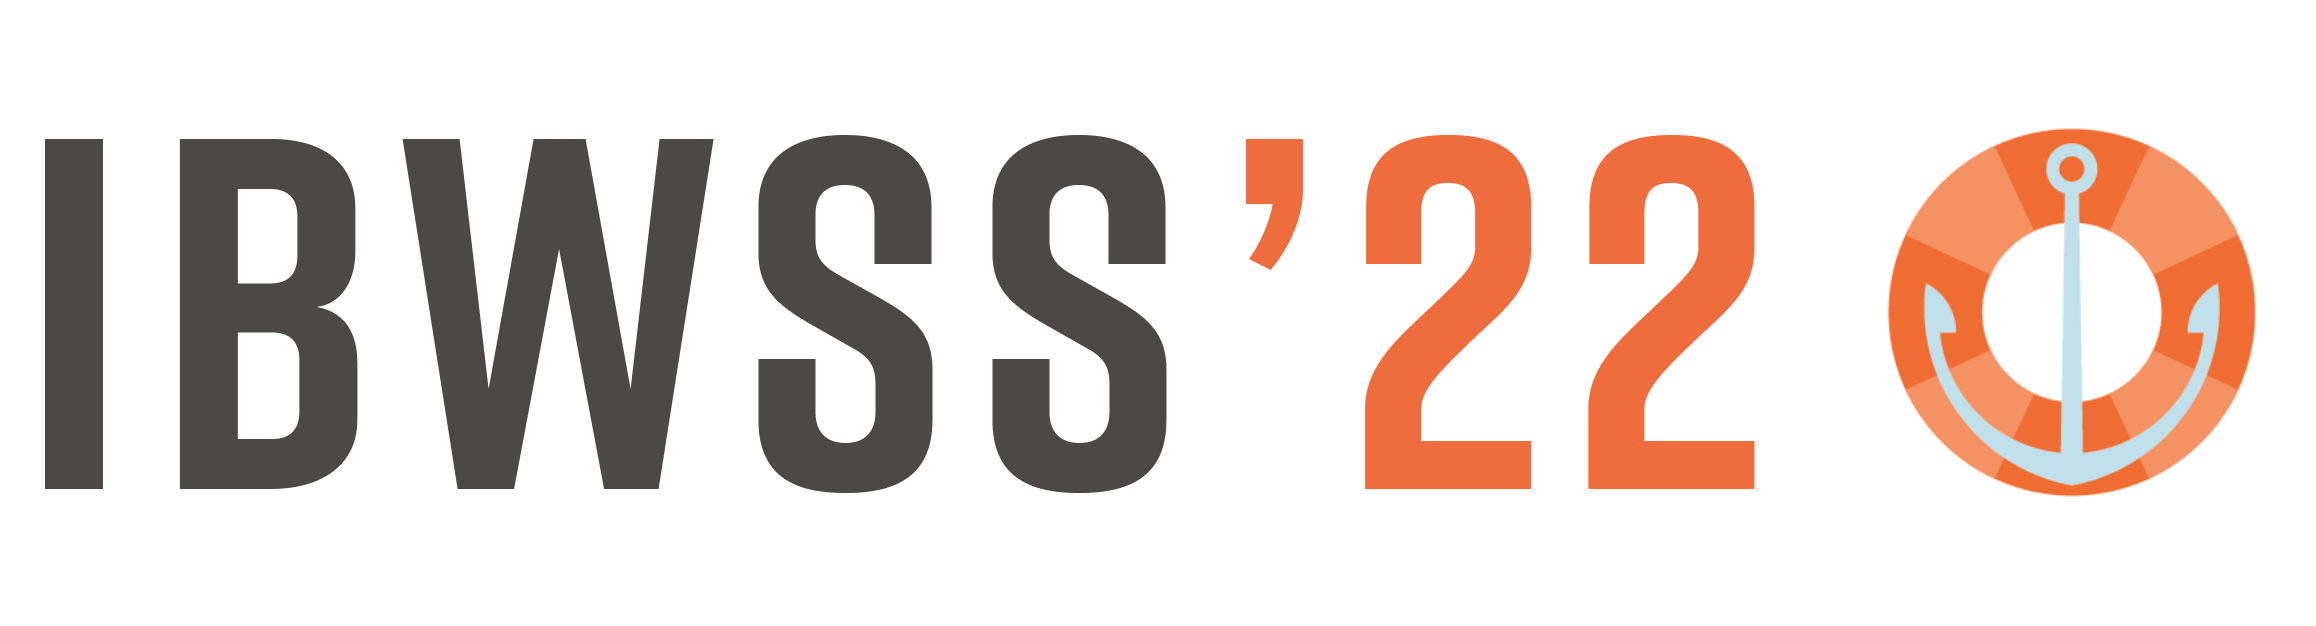 #IBWSS21